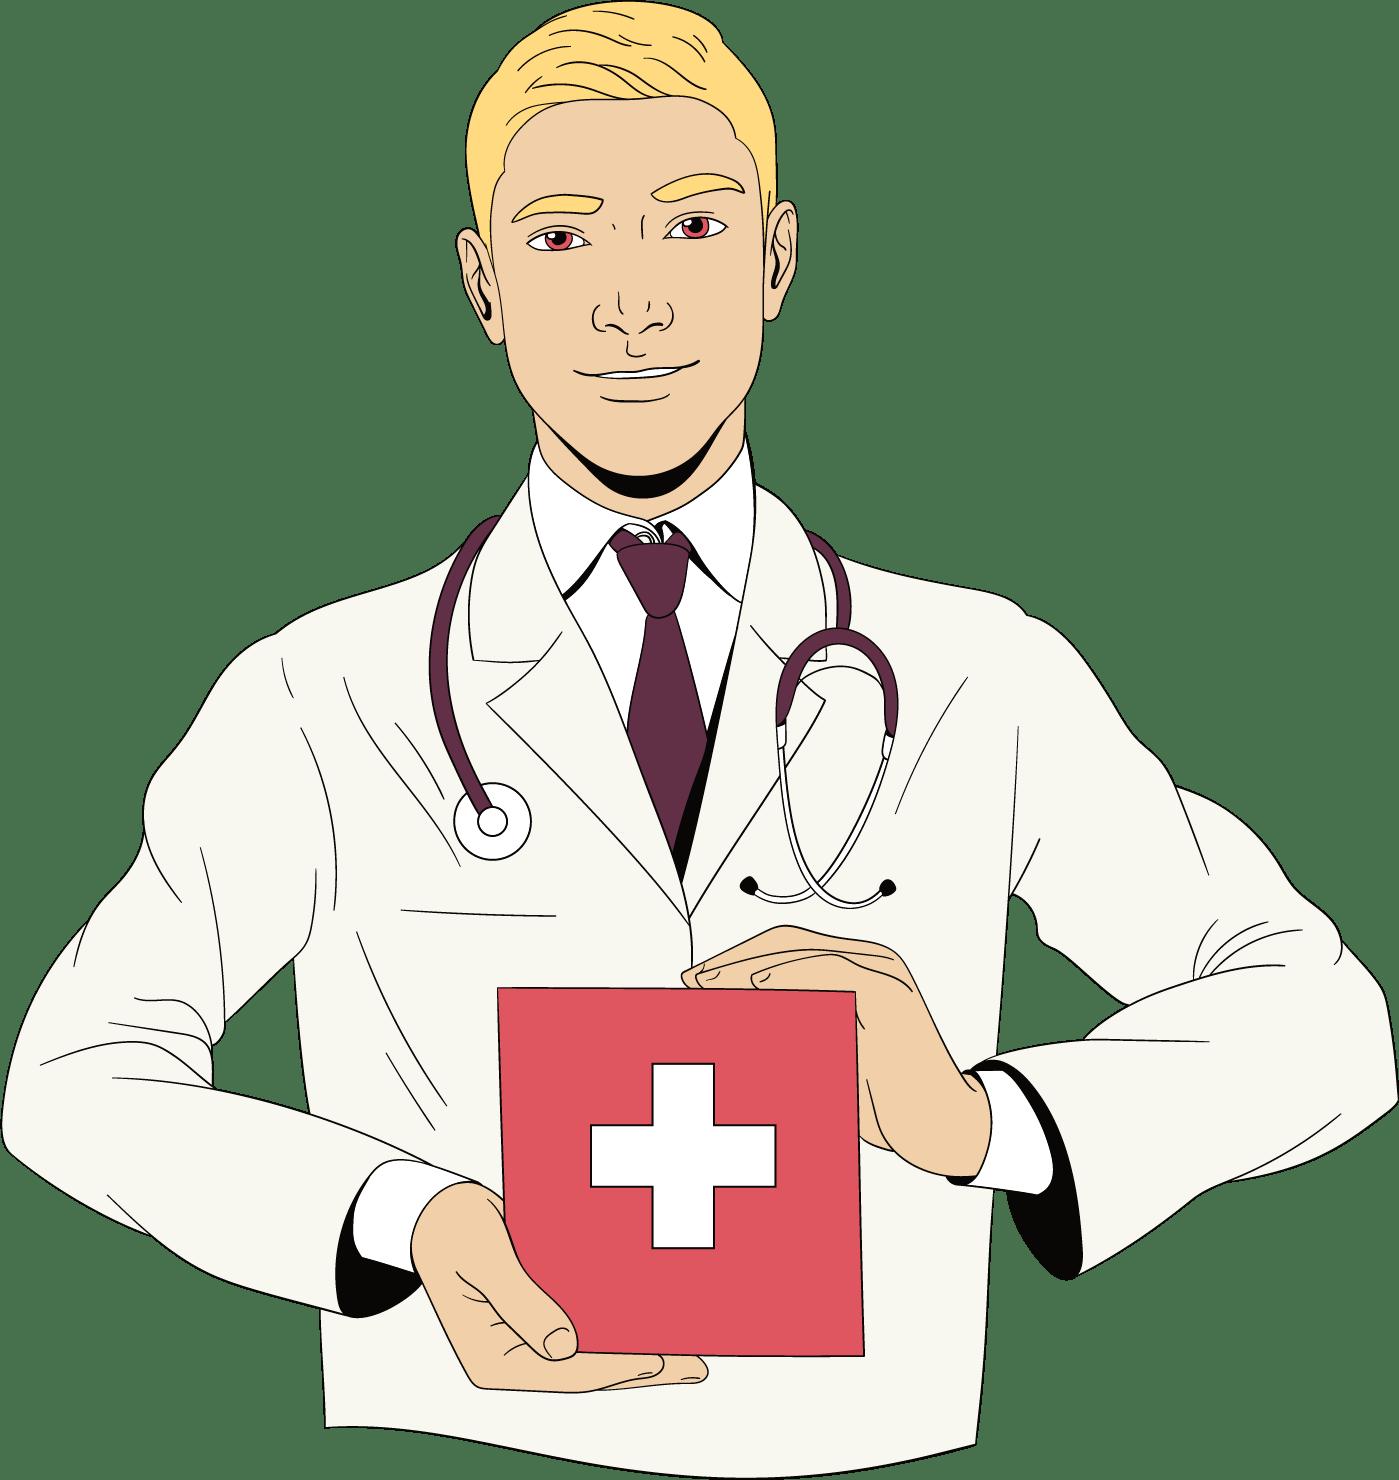 Eerste hulp kit met vragen